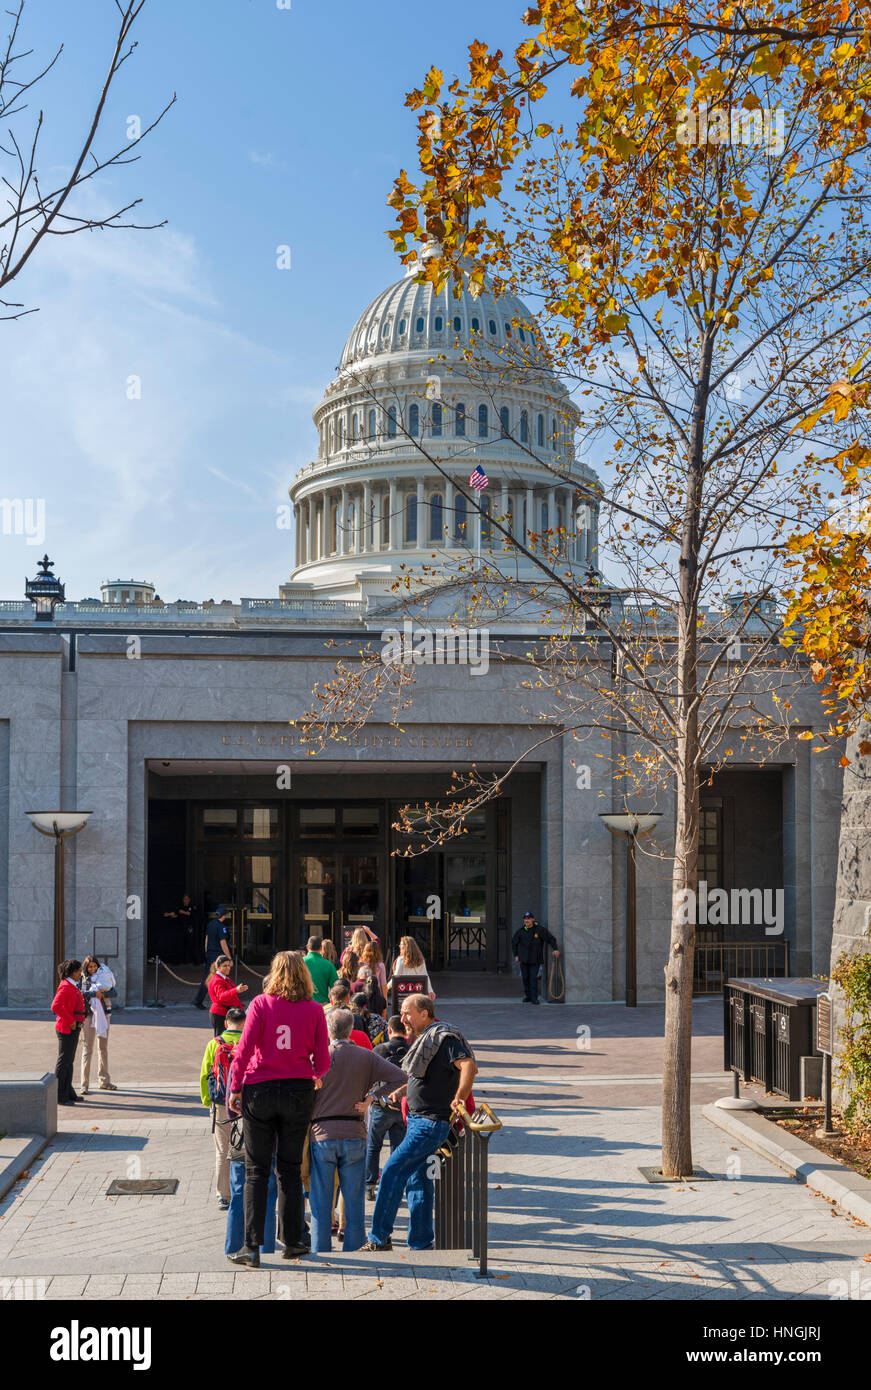 Rivestimento i visitatori fino all'ingresso dell'United States Capitol Visitor Center di Washington DC, Immagini Stock